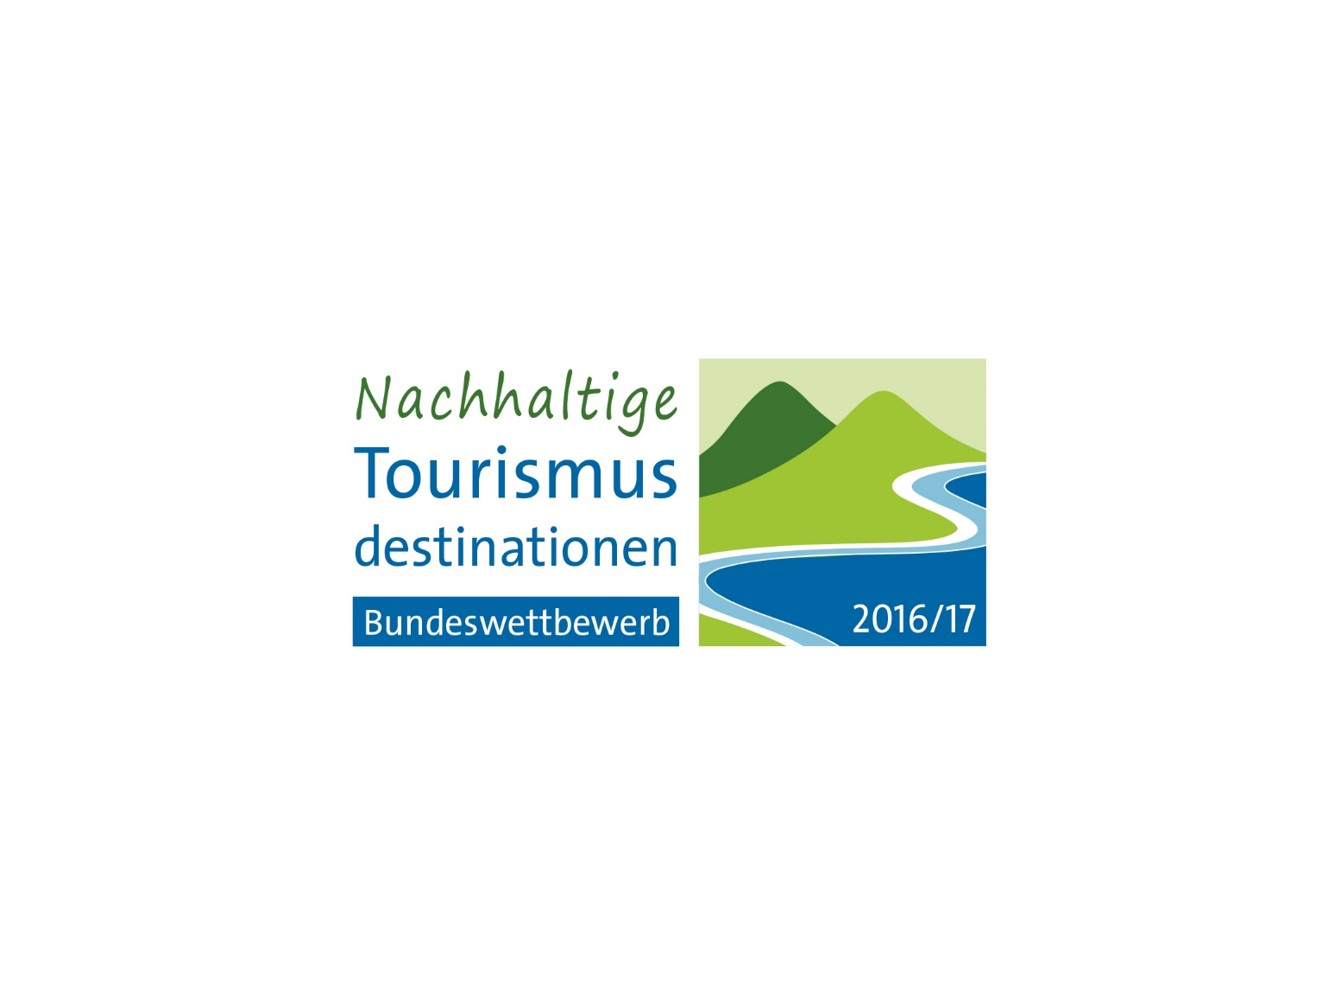 Logo Bundeswettbewerb nachhaltige Tourismusdestination